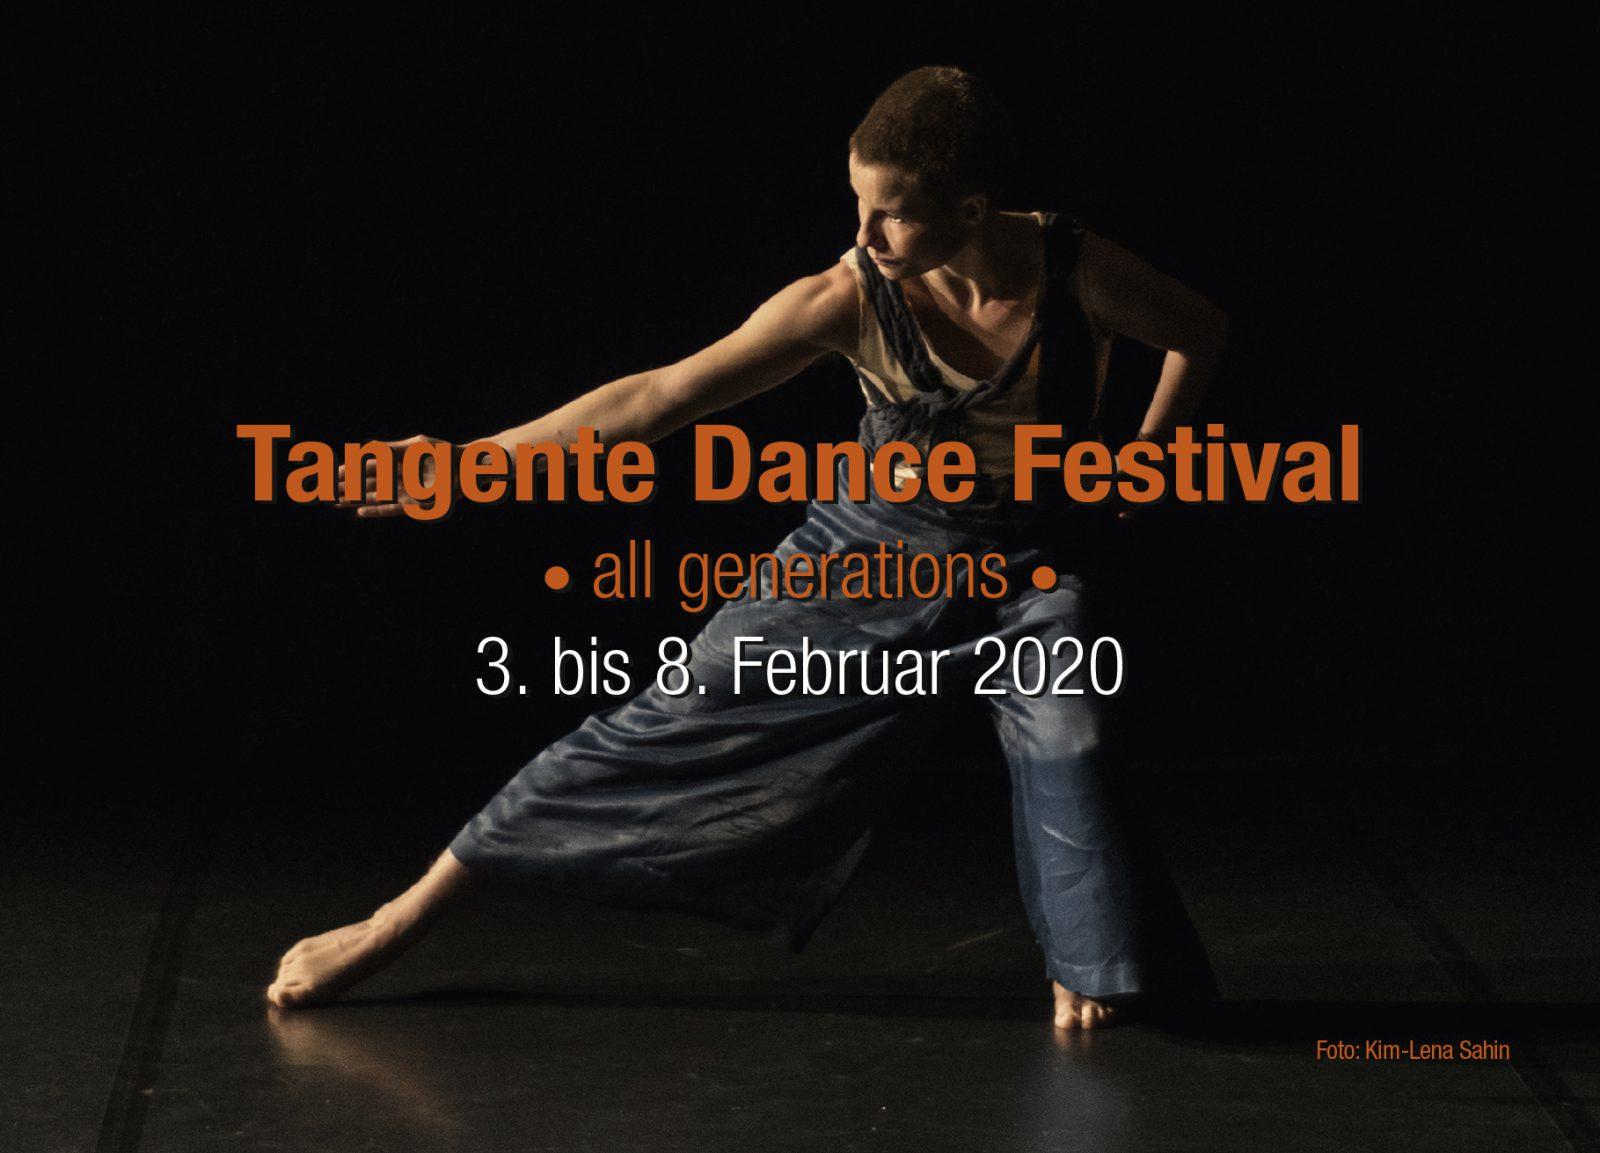 Tangente Dance Festival 2020